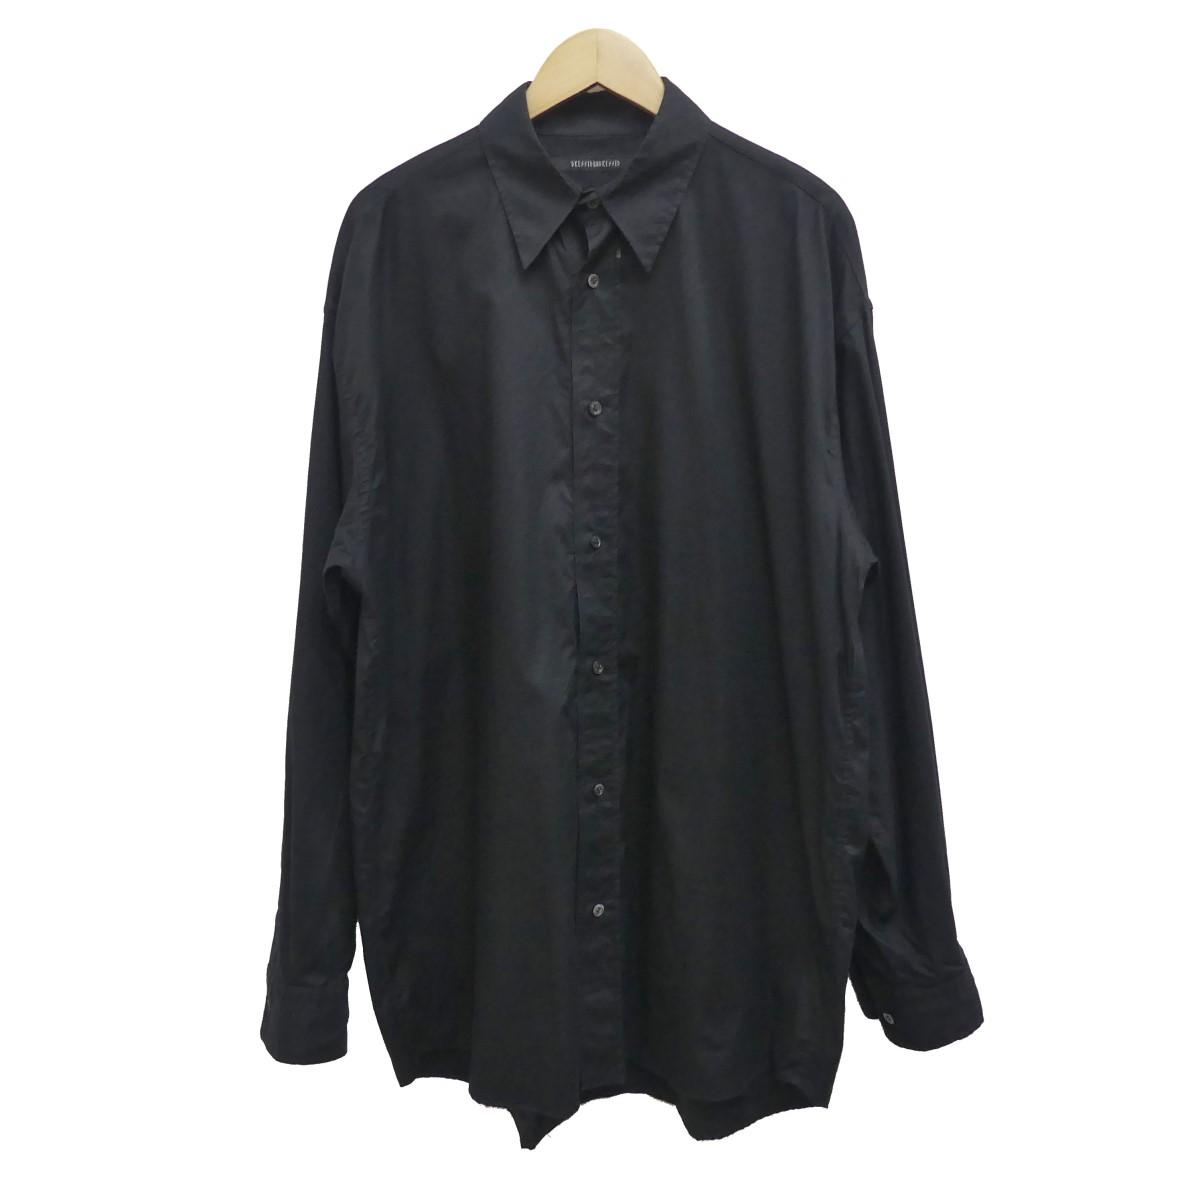 【中古】DRESSEDUNDRESSED 19SS ack Printed Oversized Shirt バックプリントシャツ ブラック サイズ:2 【030620】(ドレスドアンドレスド)